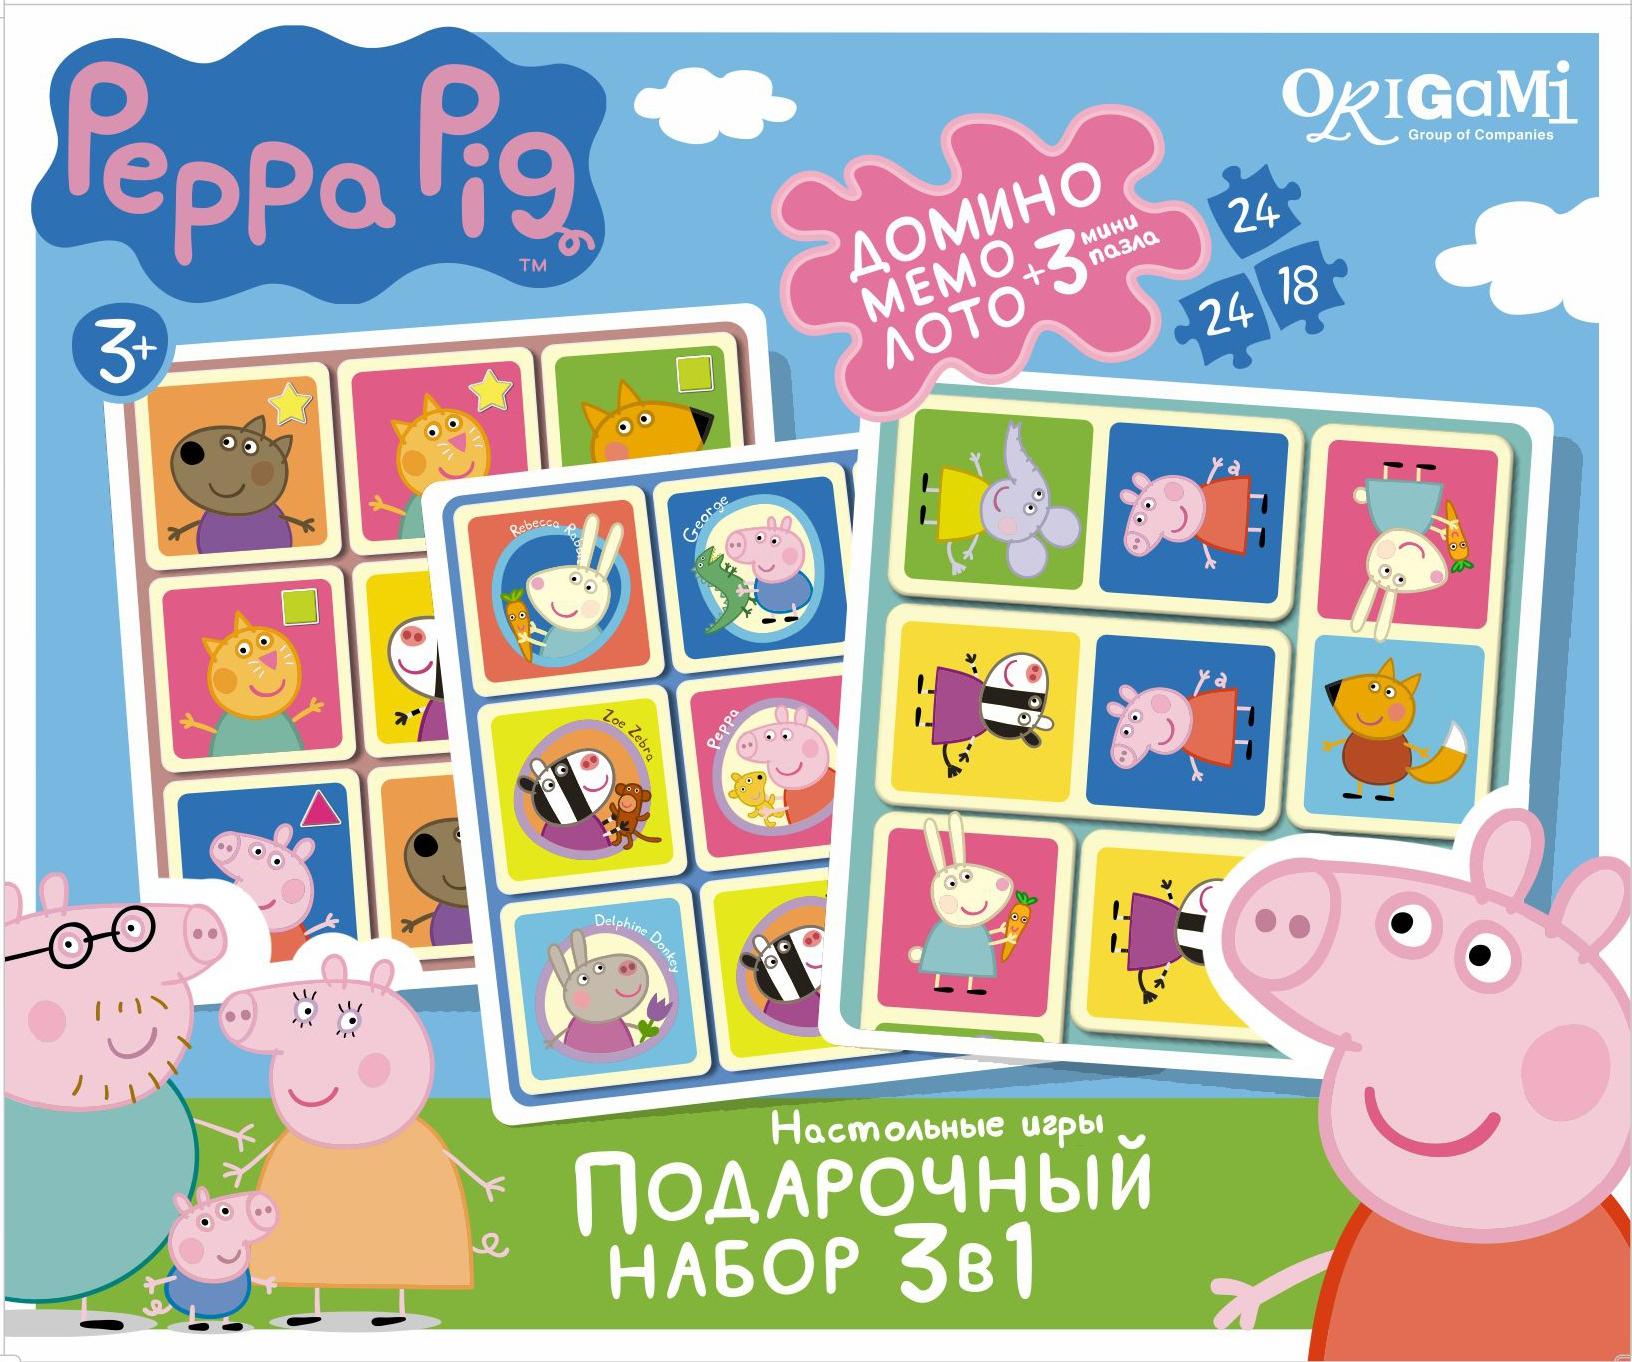 Peppa Pig Peppa Pig Подарочный набор Origami «Peppa Pig: 3 игры и 3 пазла» подарочный набор оригами peppa pig 3в1 лото мемо домино 3мини пазла 01602